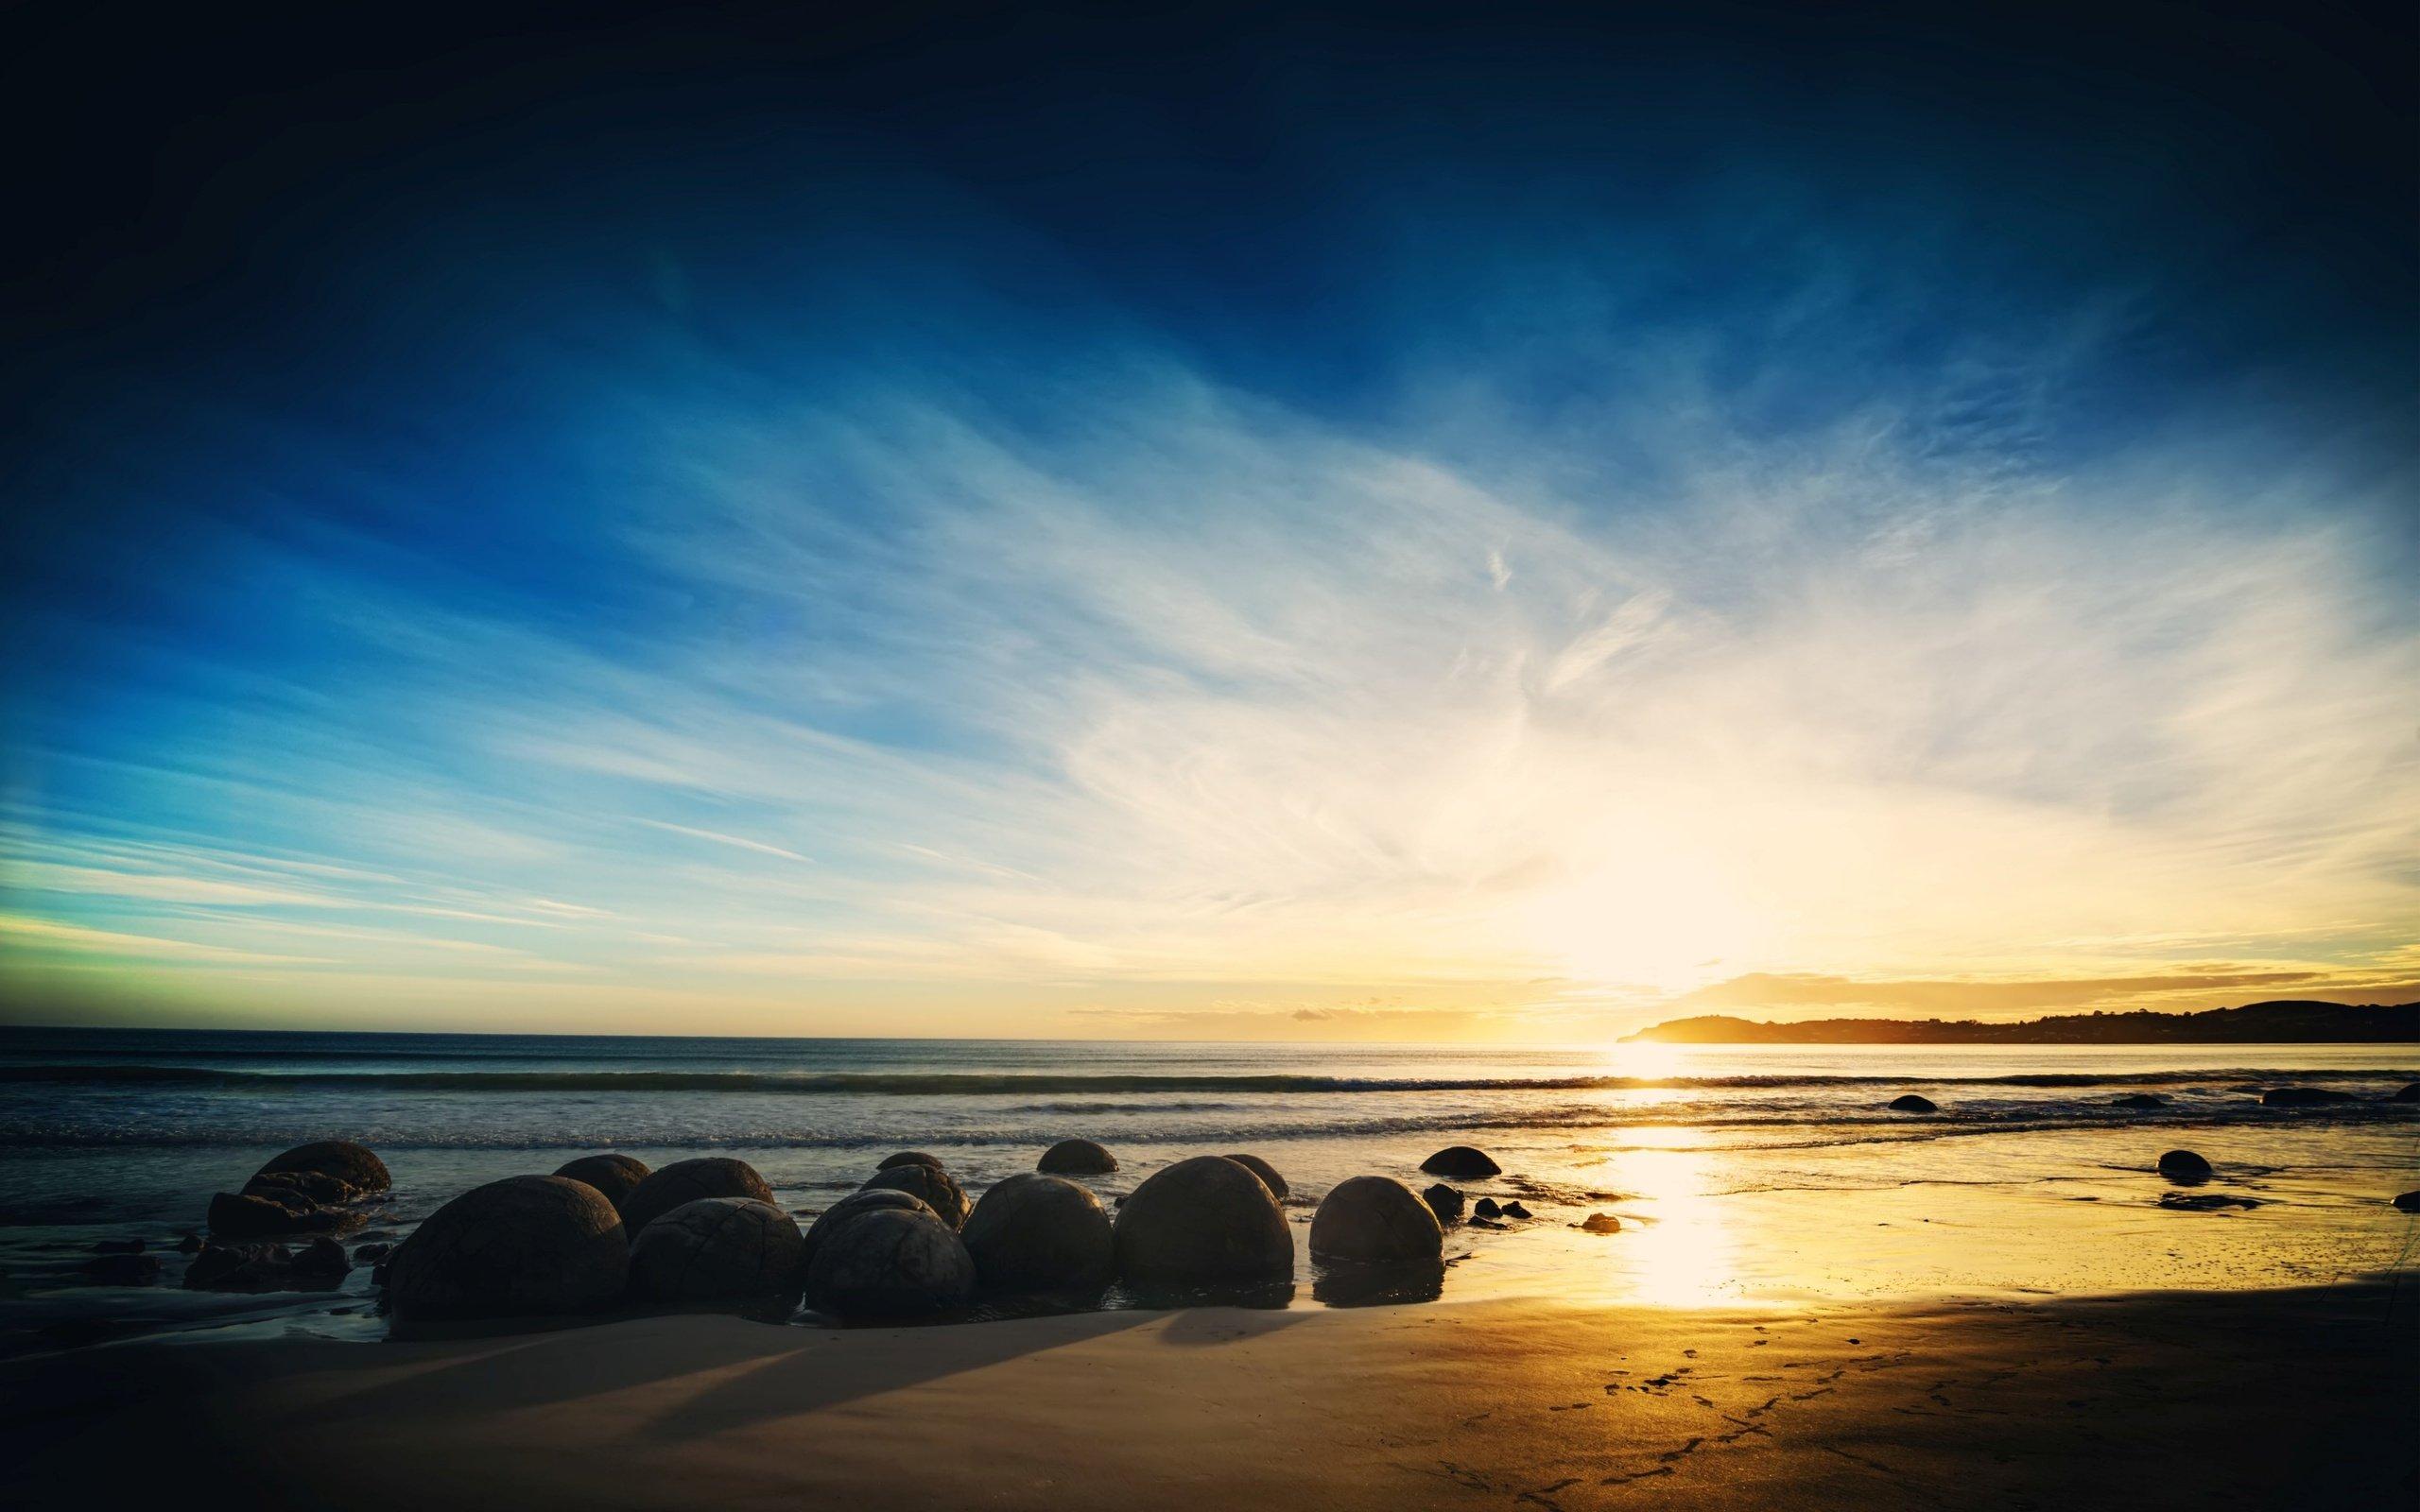 природа море берег небо горизонт  № 3776902 бесплатно